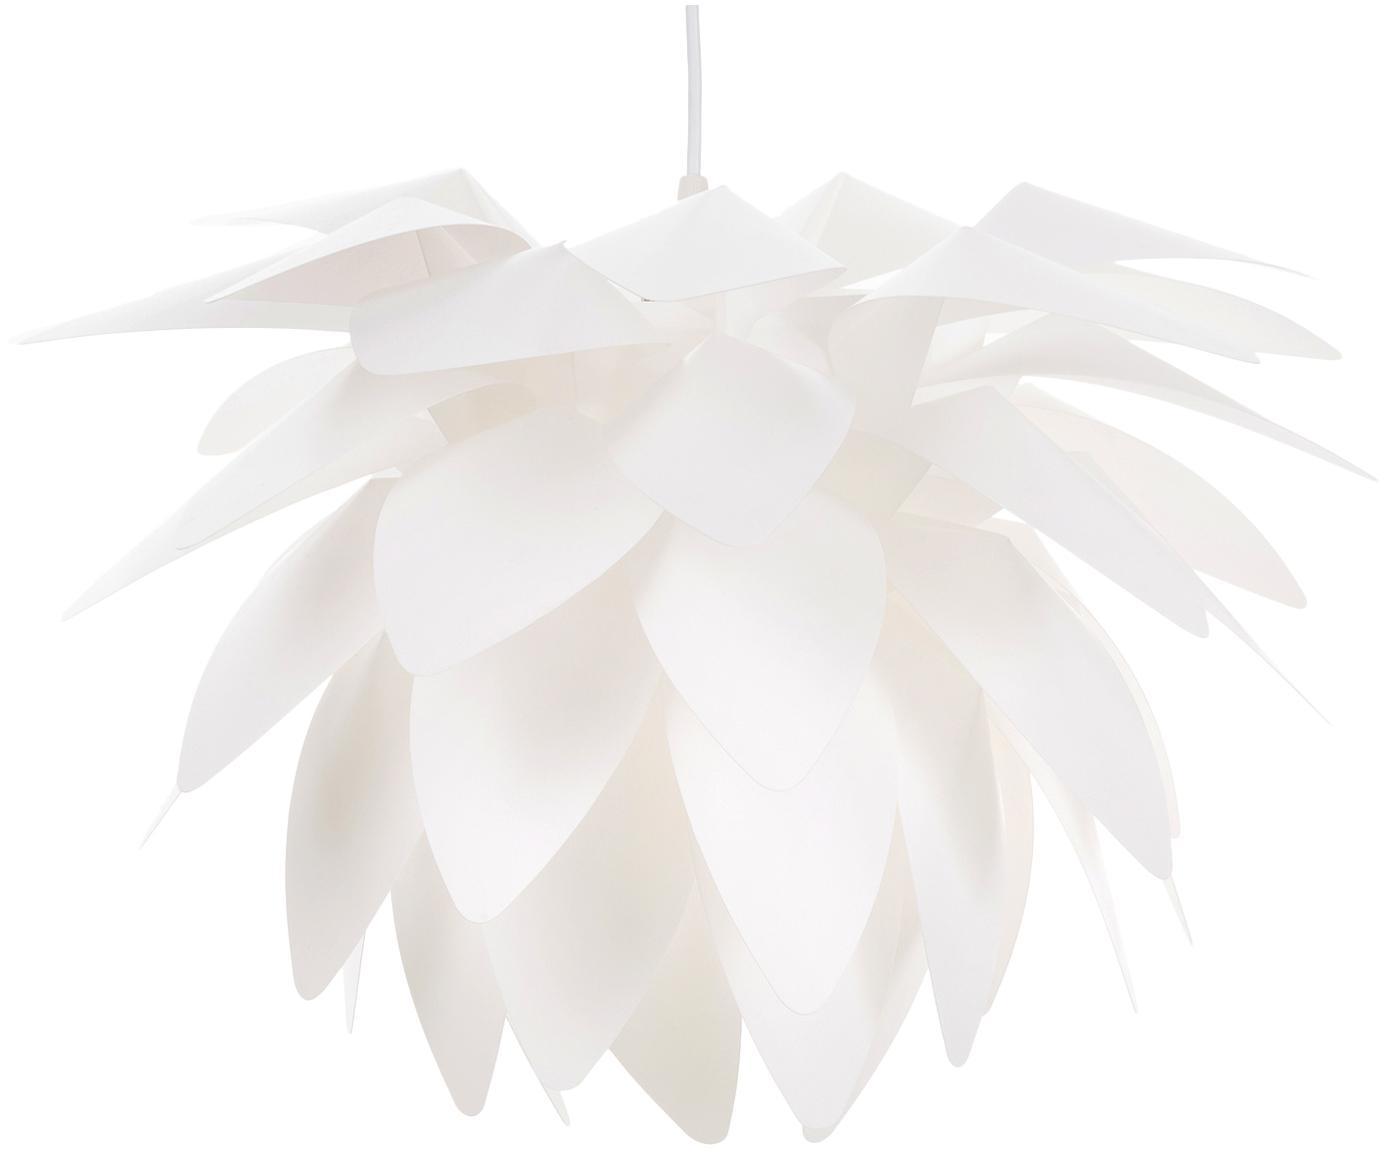 Lampa wisząca do montażu Cactus, Tworzywo sztuczne, Biały, Ø 43 x 41 cm